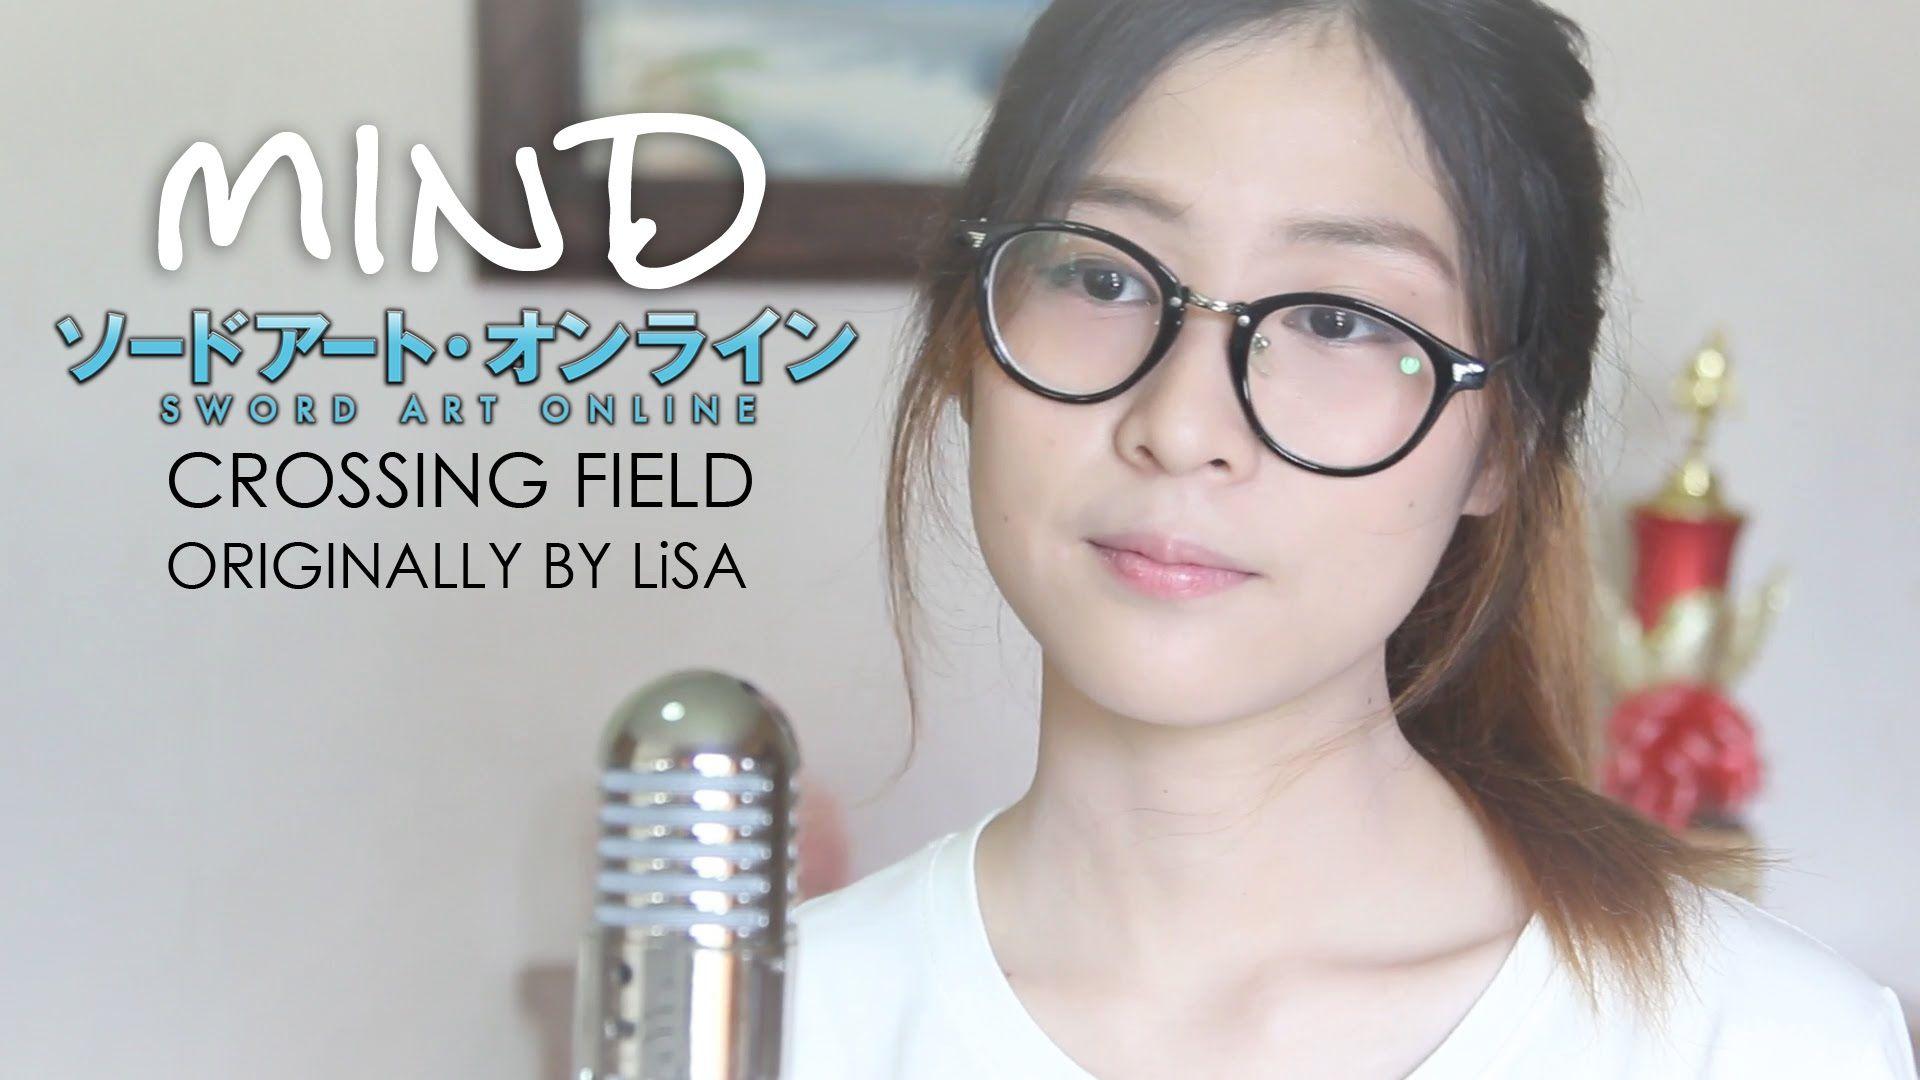 Crossing Field LiSA (Cover by MIND) Sword Art Online OP